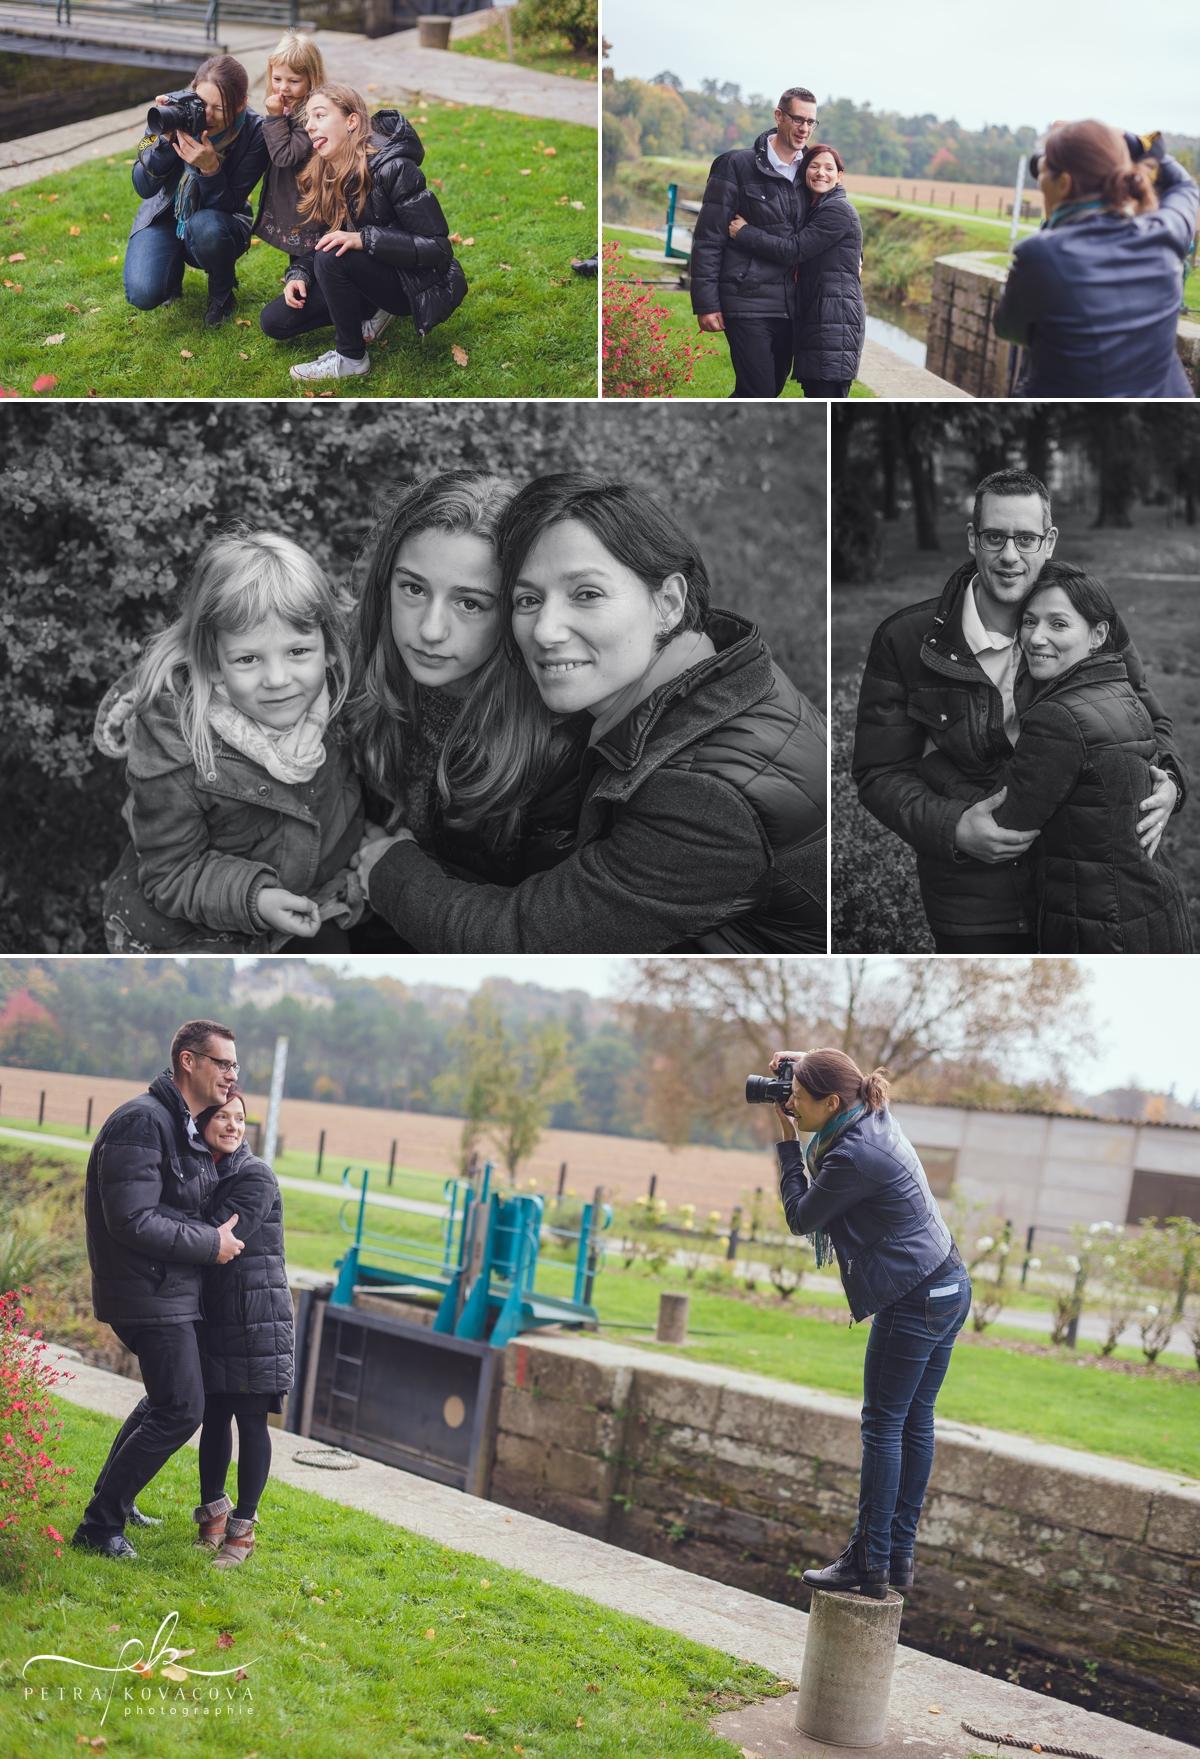 comment-se-deroule-seance-photo-famille-exterieur-lifestyle-rennes